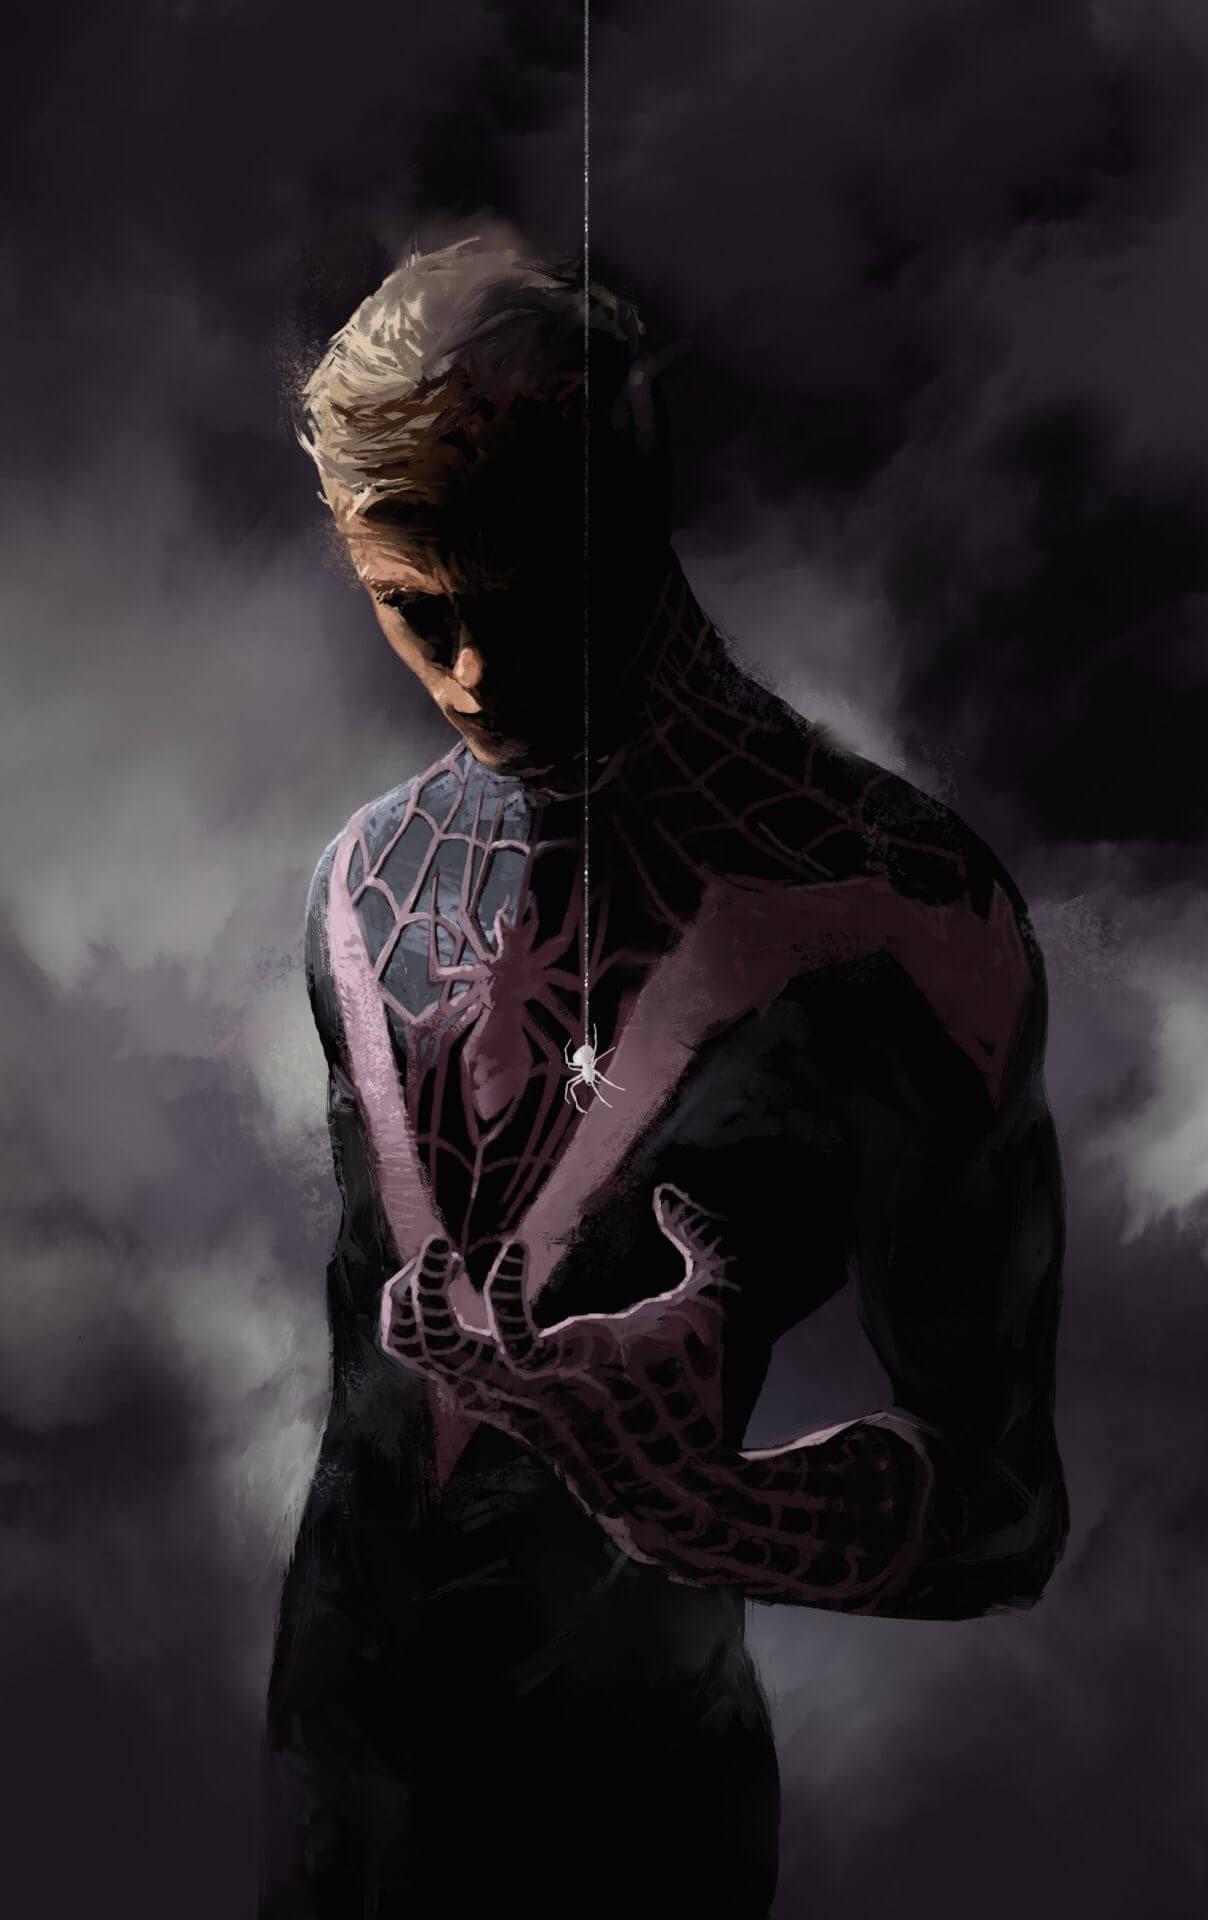 Spider-Man, Человек-паук - самые популярные и красивые арт картинки 13